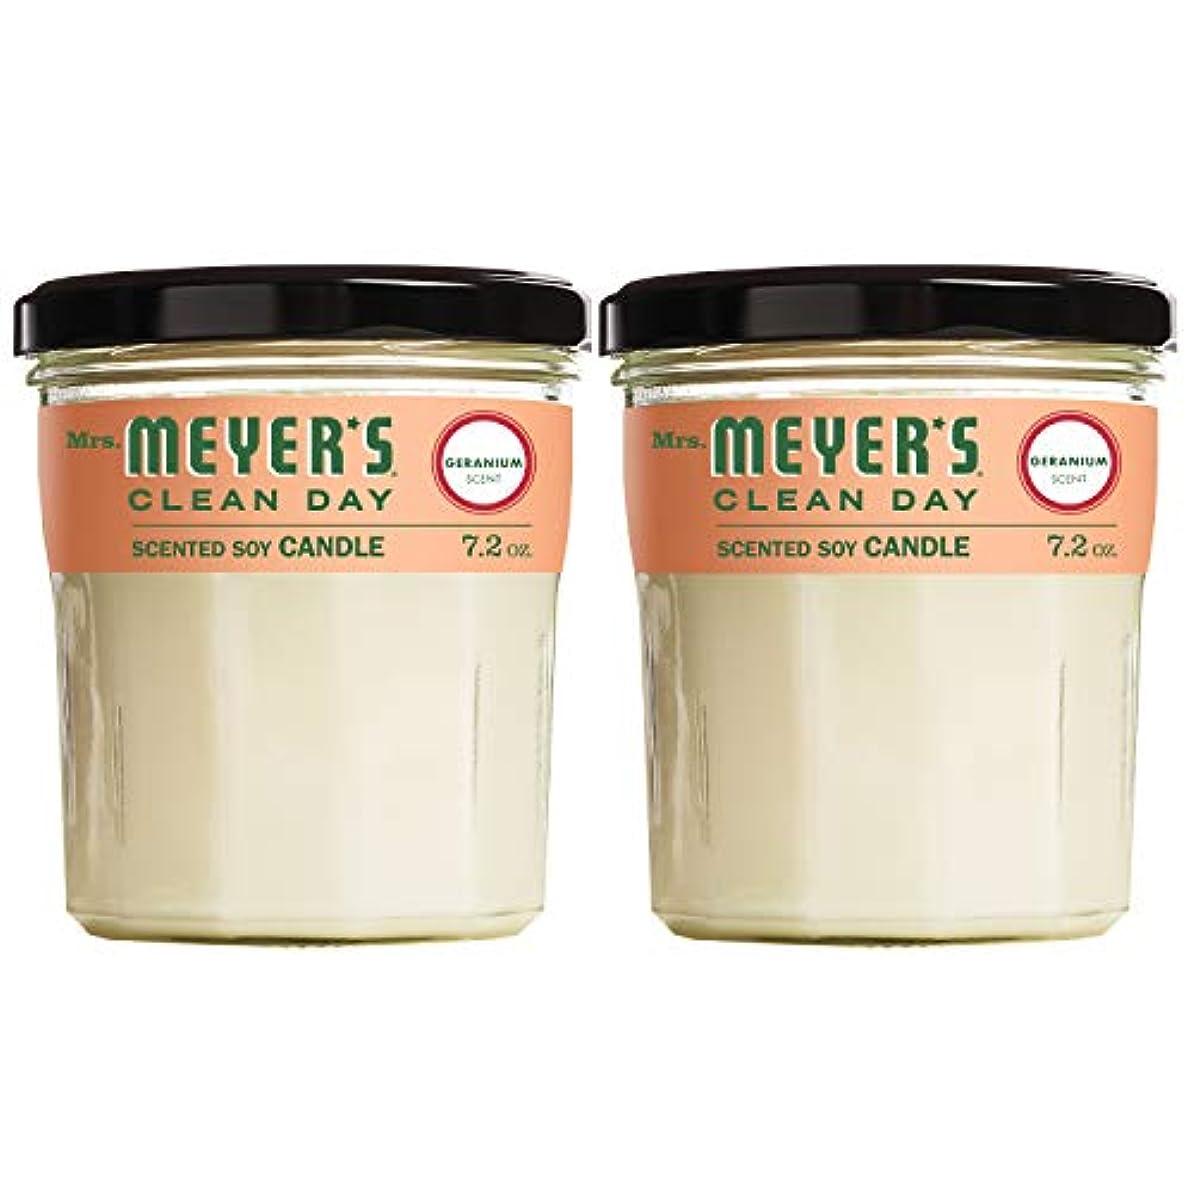 イースタービザ購入Mrs。Meyer 's Clean Day香りつきSoy Candle、大きなガラス、ゼラニウム、7.2 Oz